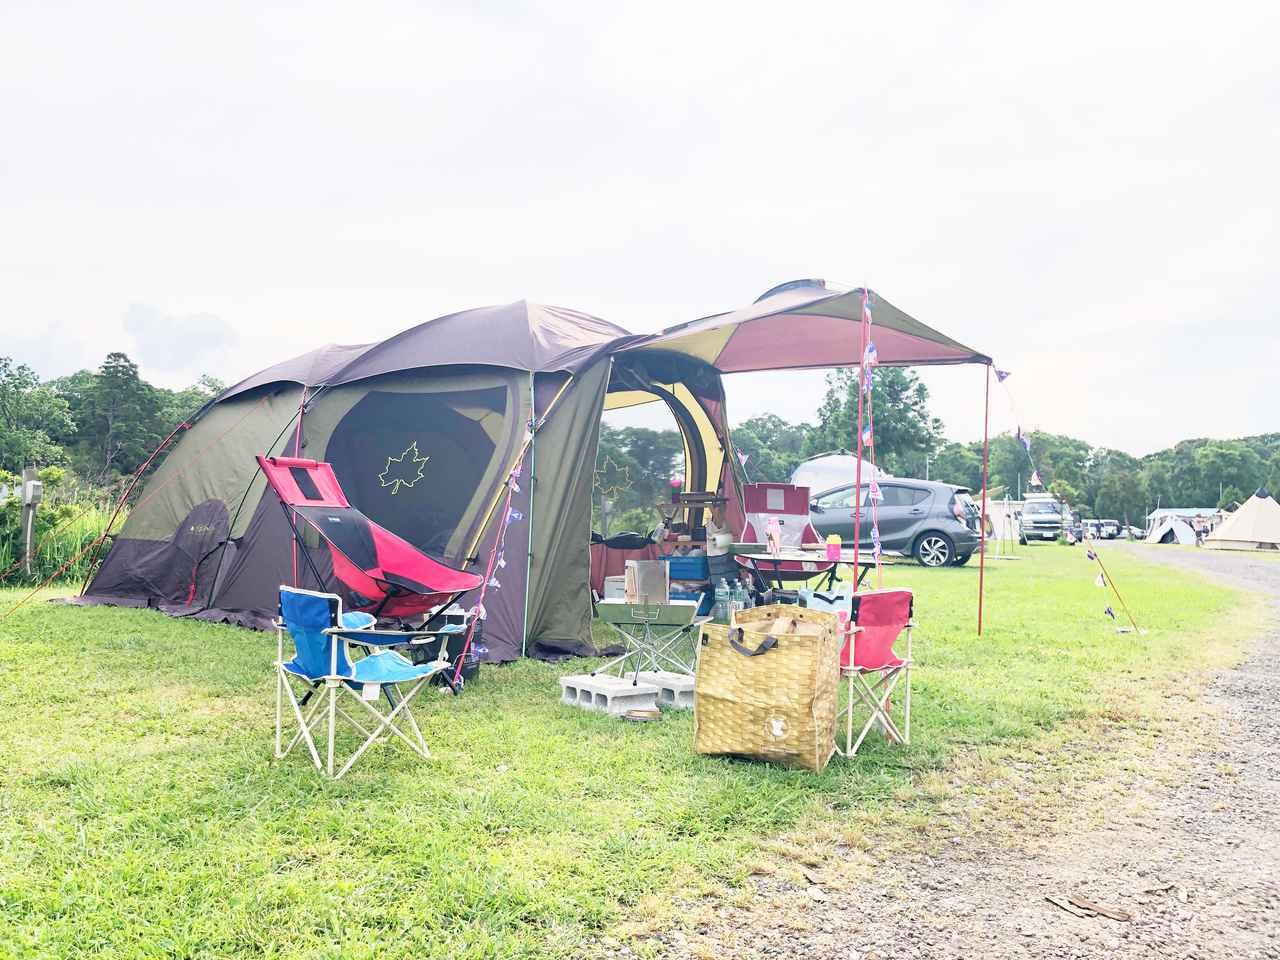 【キャンプ解禁】『新しい生活様式★キャンプ版』 人接触ゼロ・キャンプを試してみました〜!